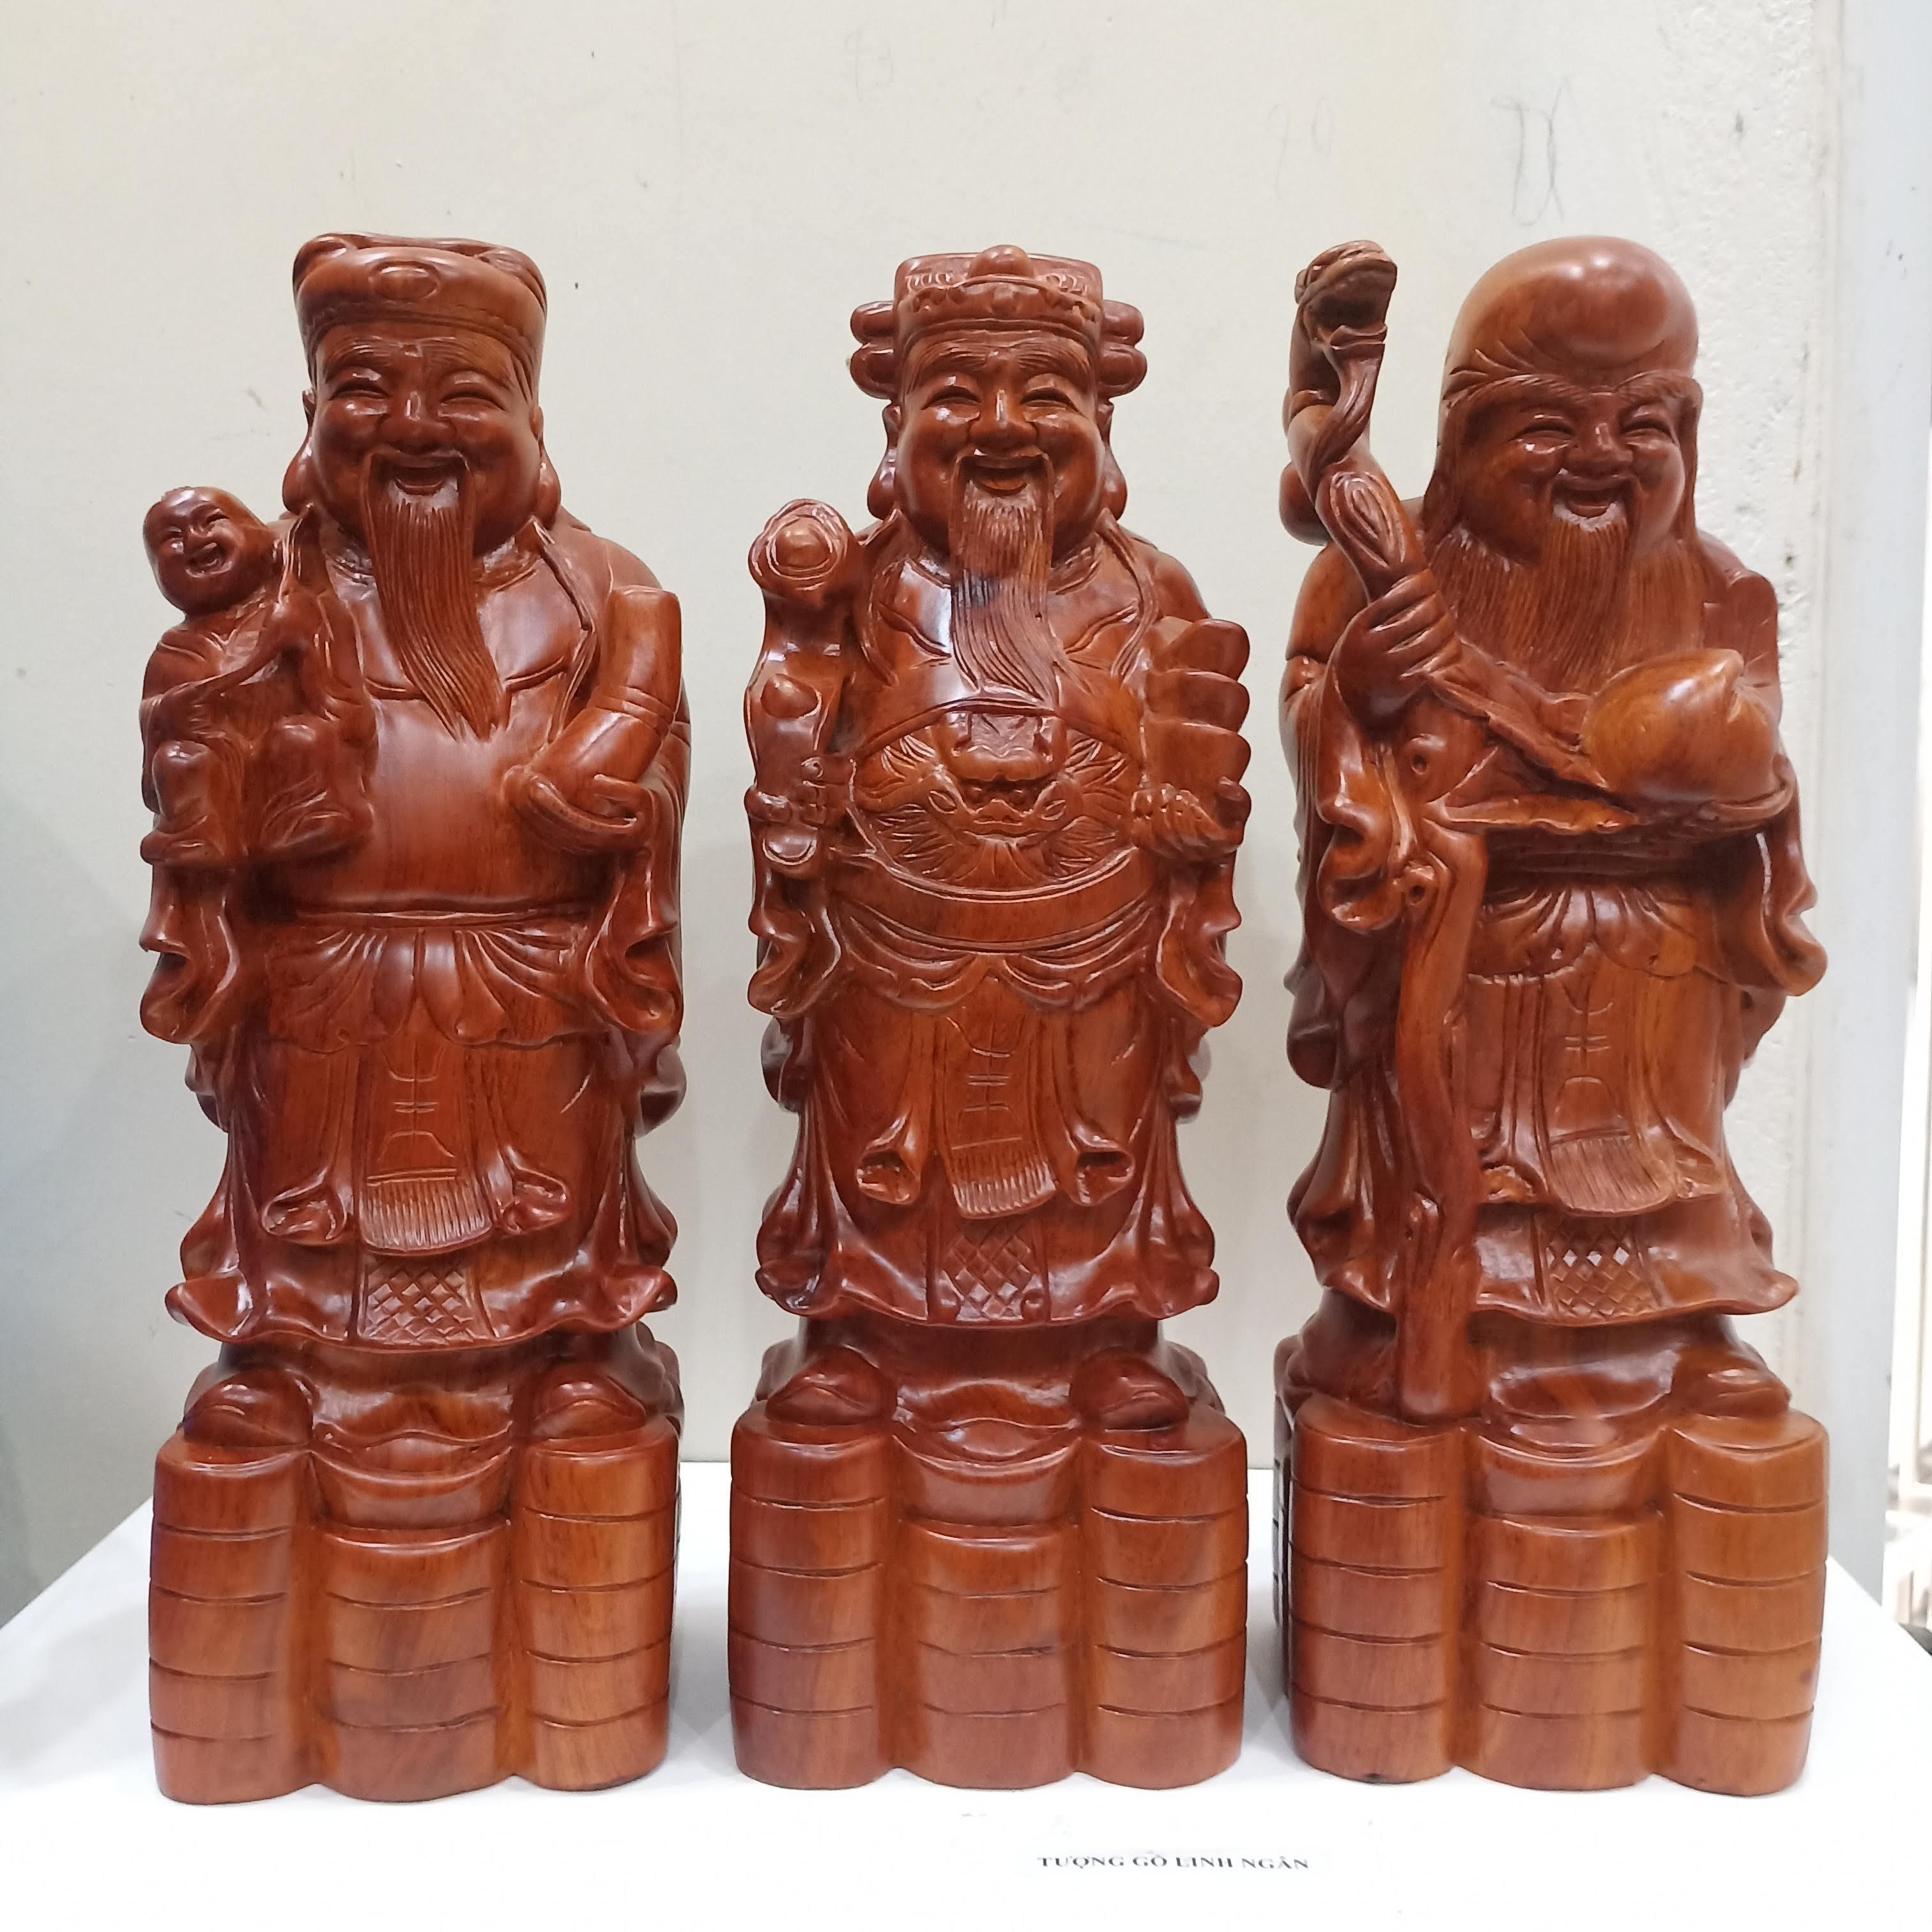 Bộ Tượng Phúc Lộc Thọ - Tam đa Gỗ Hương (cao 40 Cm, Mẫu đầu To) Siêu Khuyến Mãi